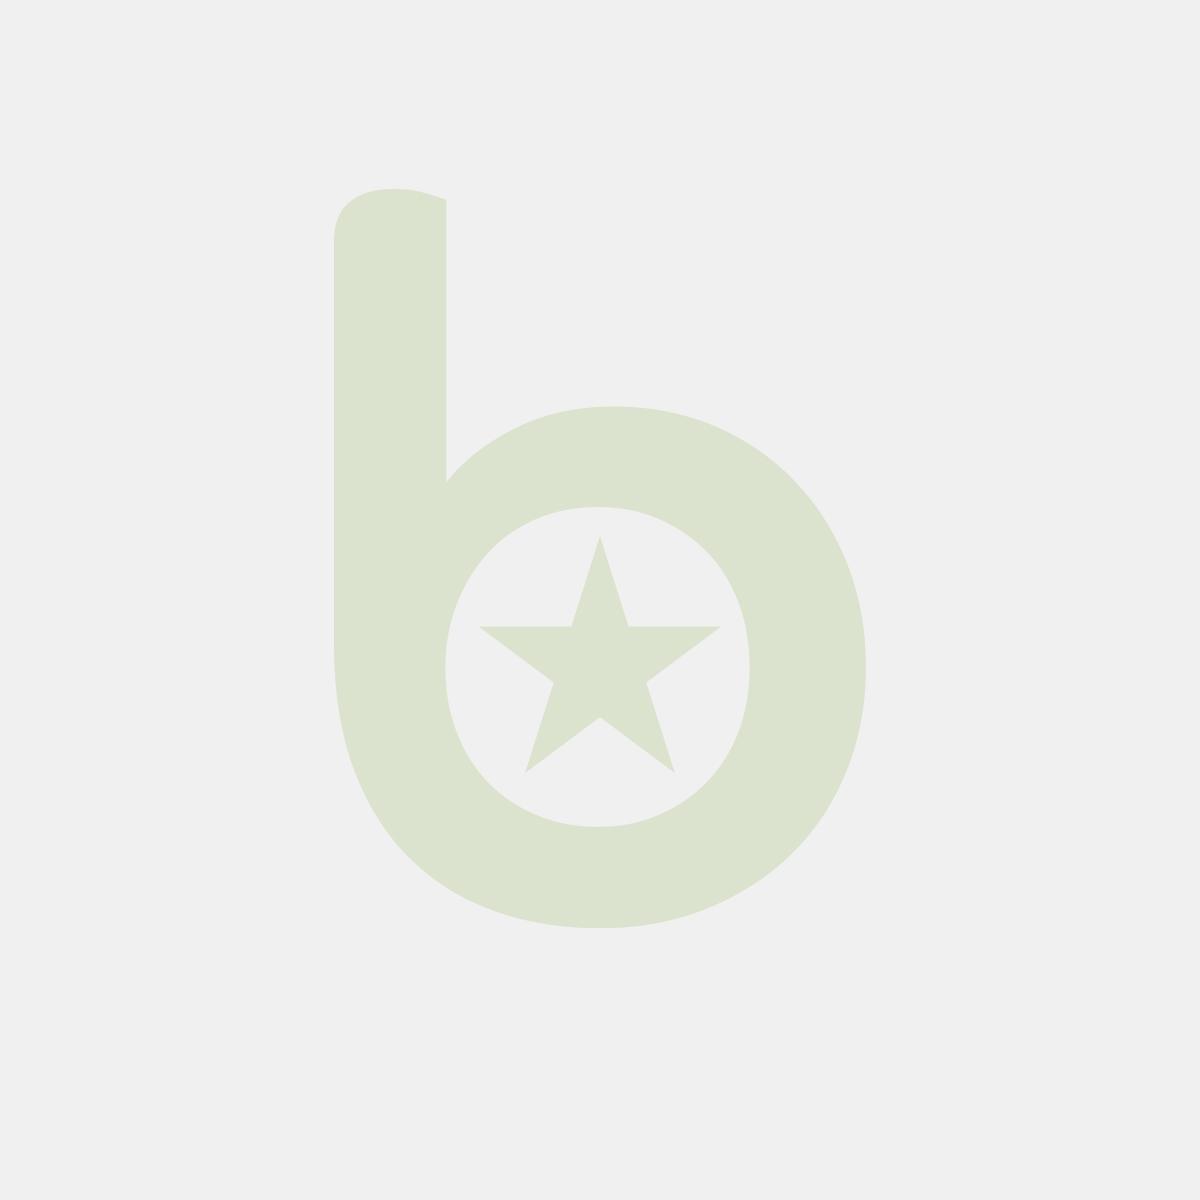 FINGERFOOD trzcina mini łyżeczka Venezia 11,8x3,6x3cm, biodegradowalna,